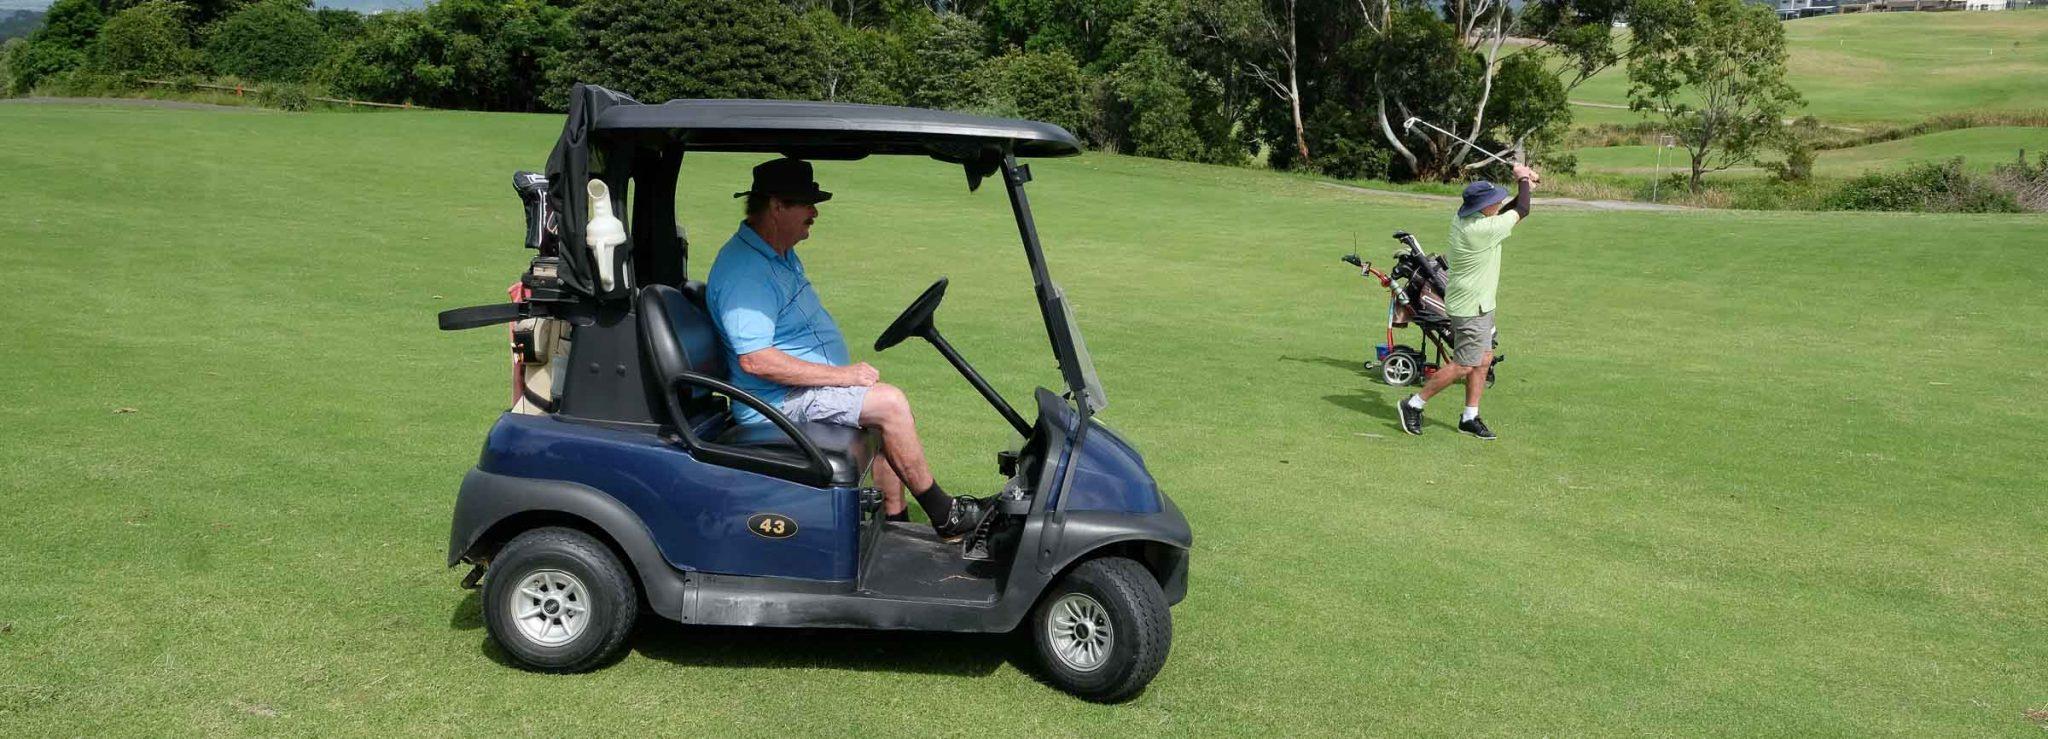 Golfer in a Cart